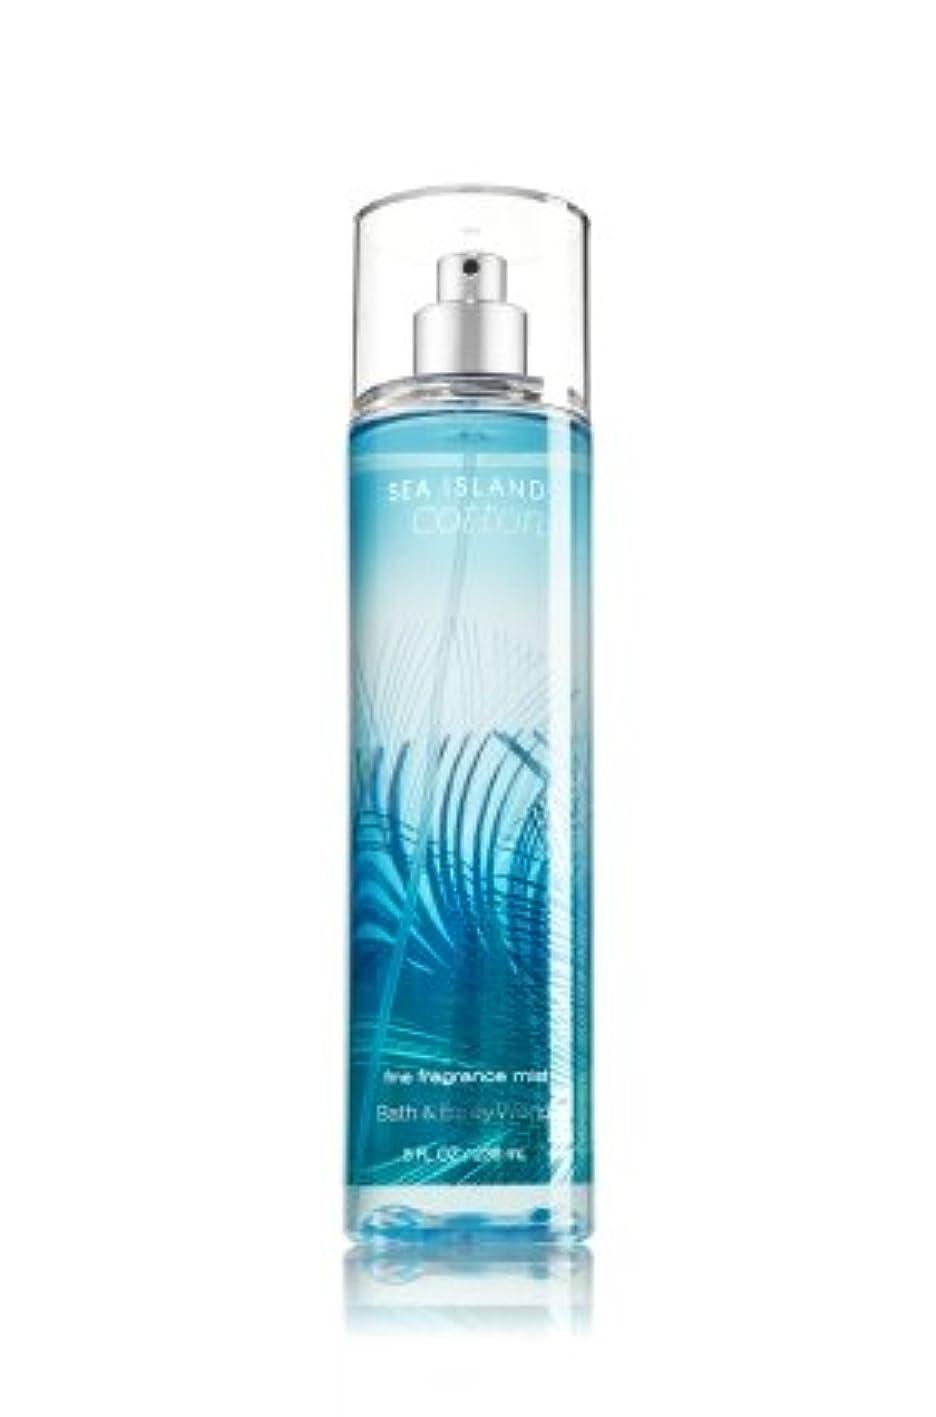 自己尊重報奨金ボーダー【Bath&Body Works/バス&ボディワークス】 ファインフレグランスミスト シーアイランドコットン Fine Fragrance Mist Sea Island Cotton 8oz (236ml) [並行輸入品]